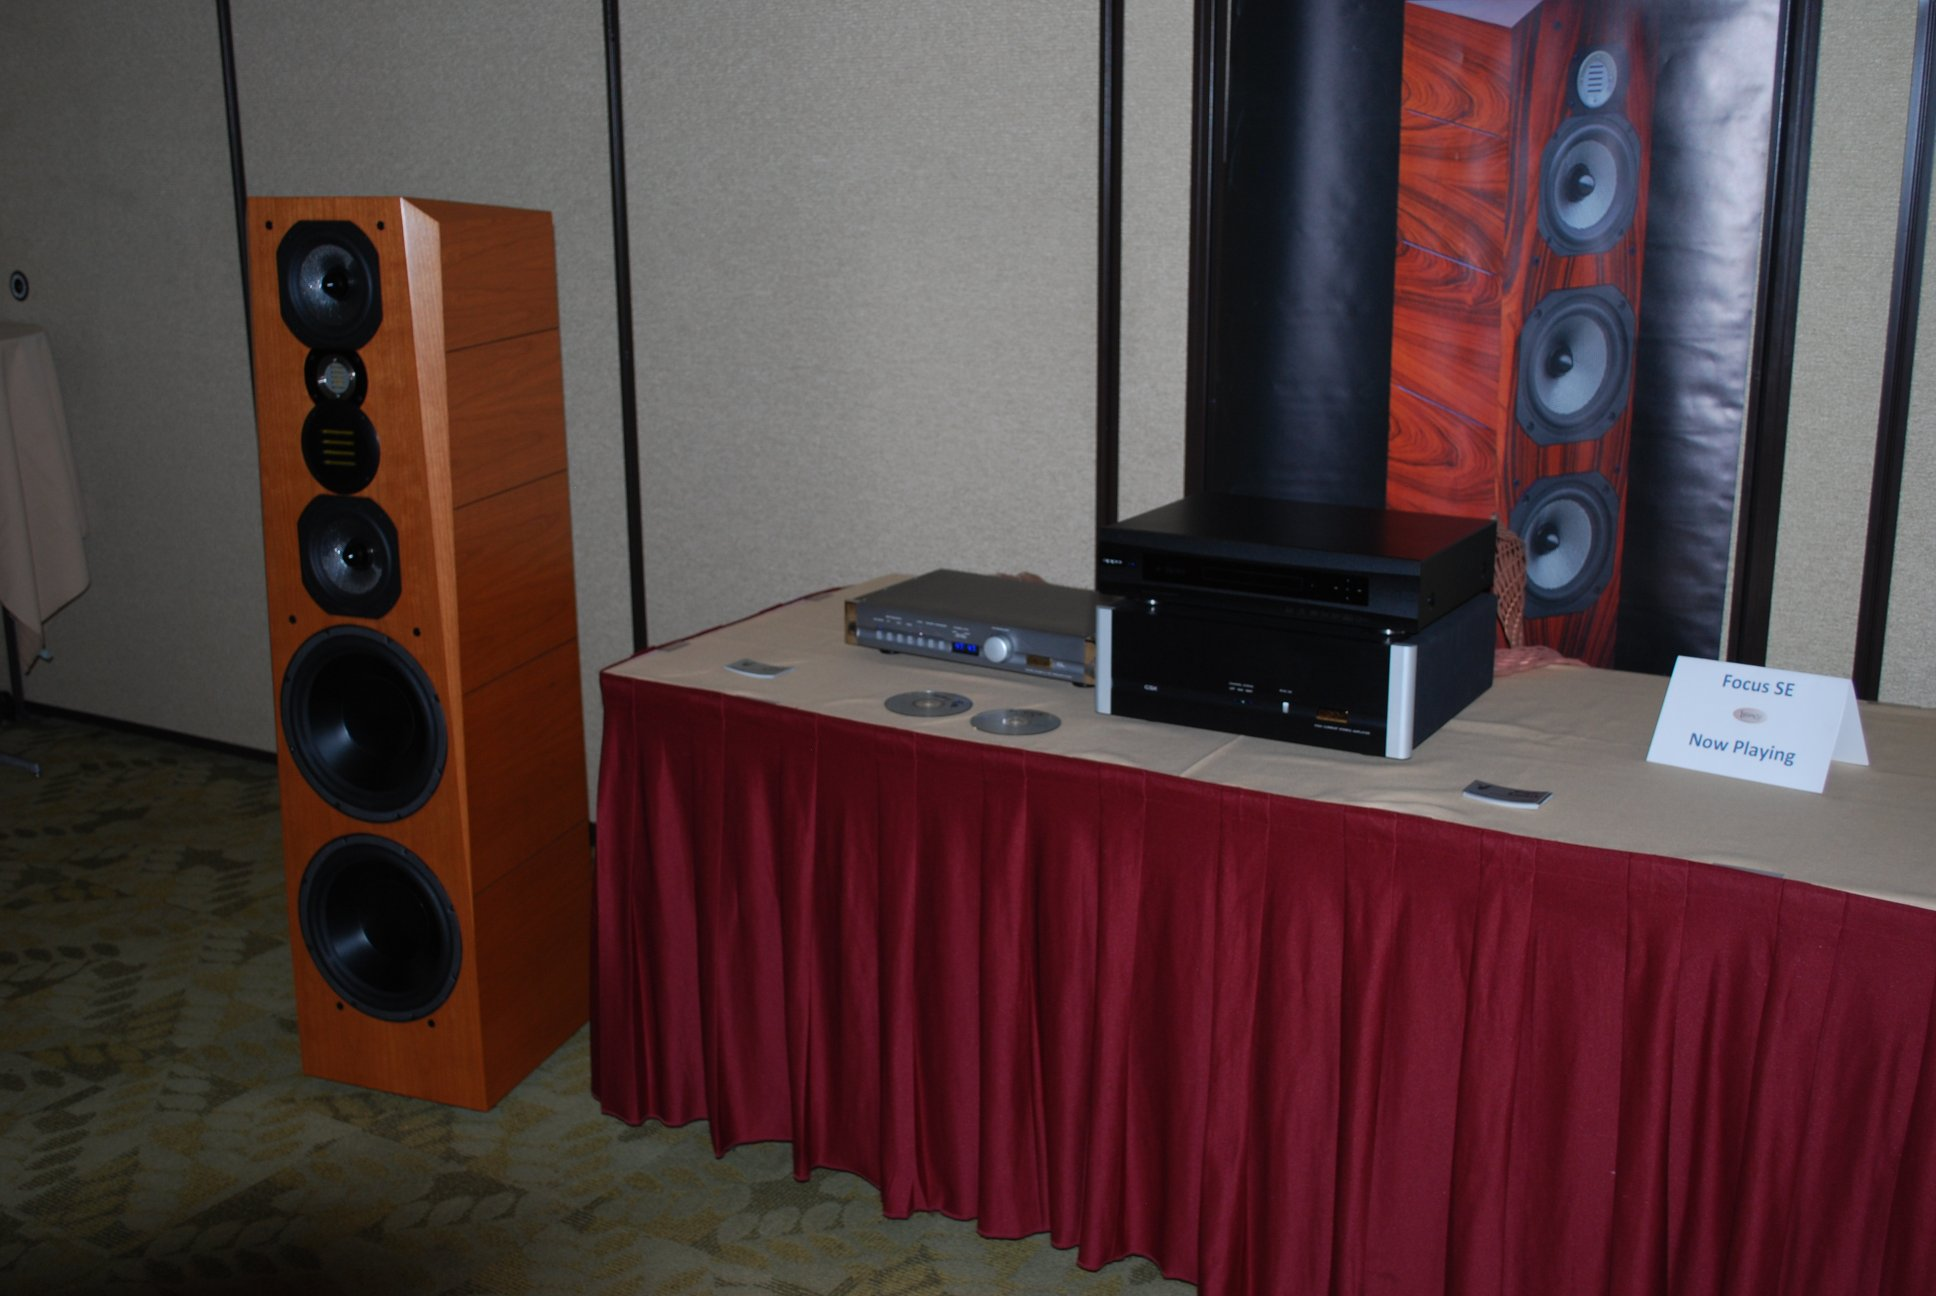 http://lonestaraudiofest.com/2012/Photos/DSC_0058.JPG